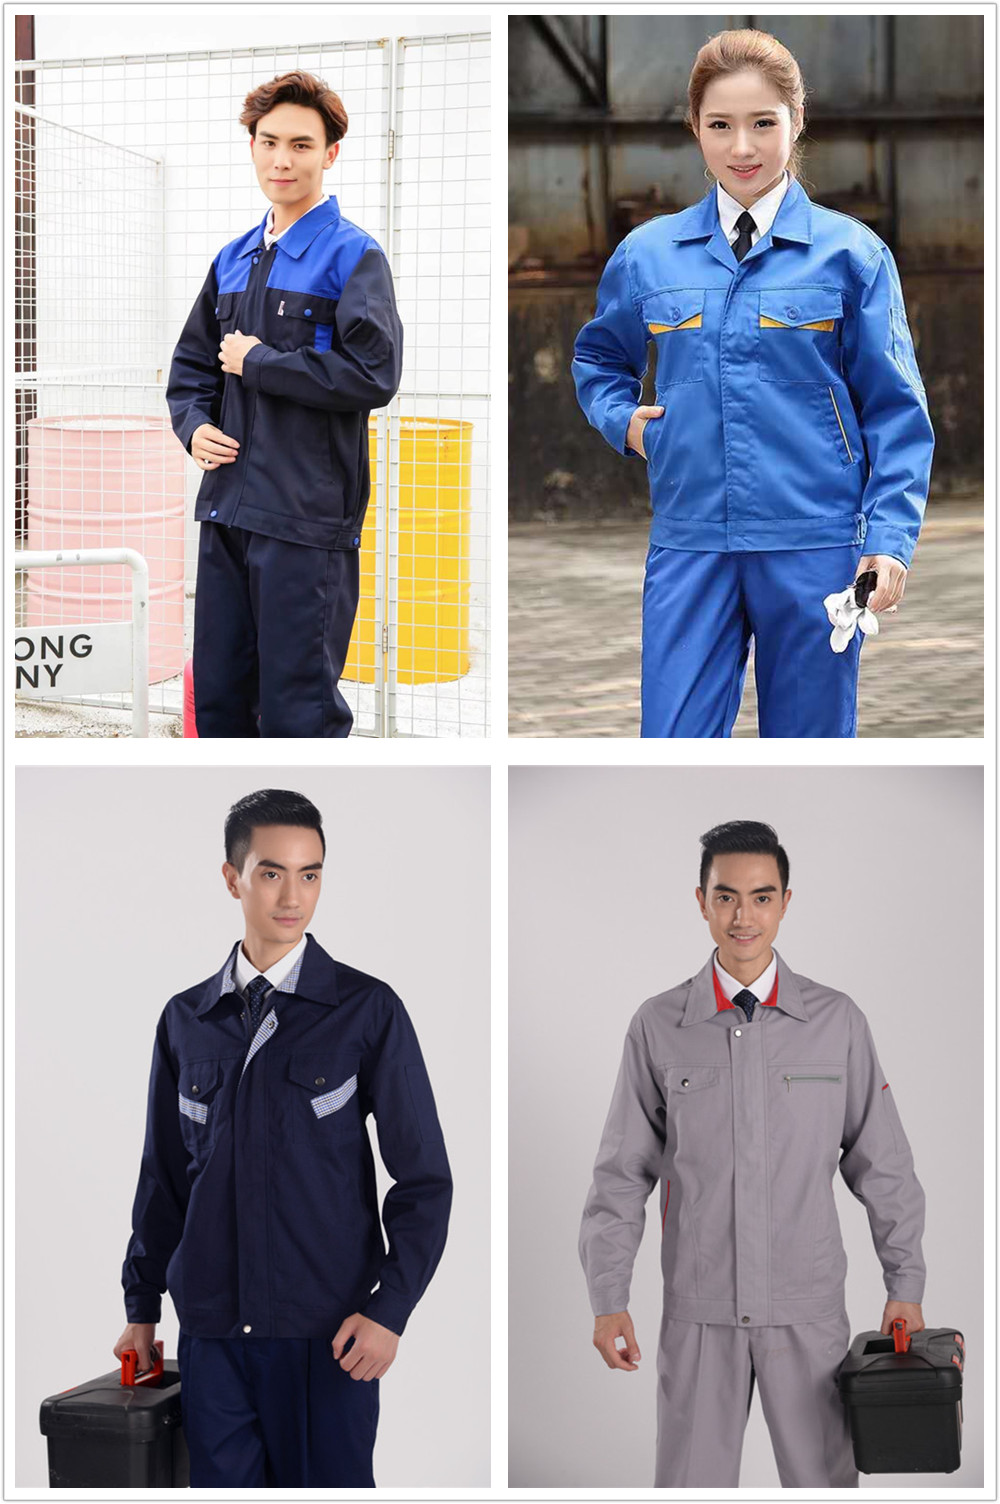 绍兴工作服冲锋衣现货定制24小时可发货,可印字绣字。